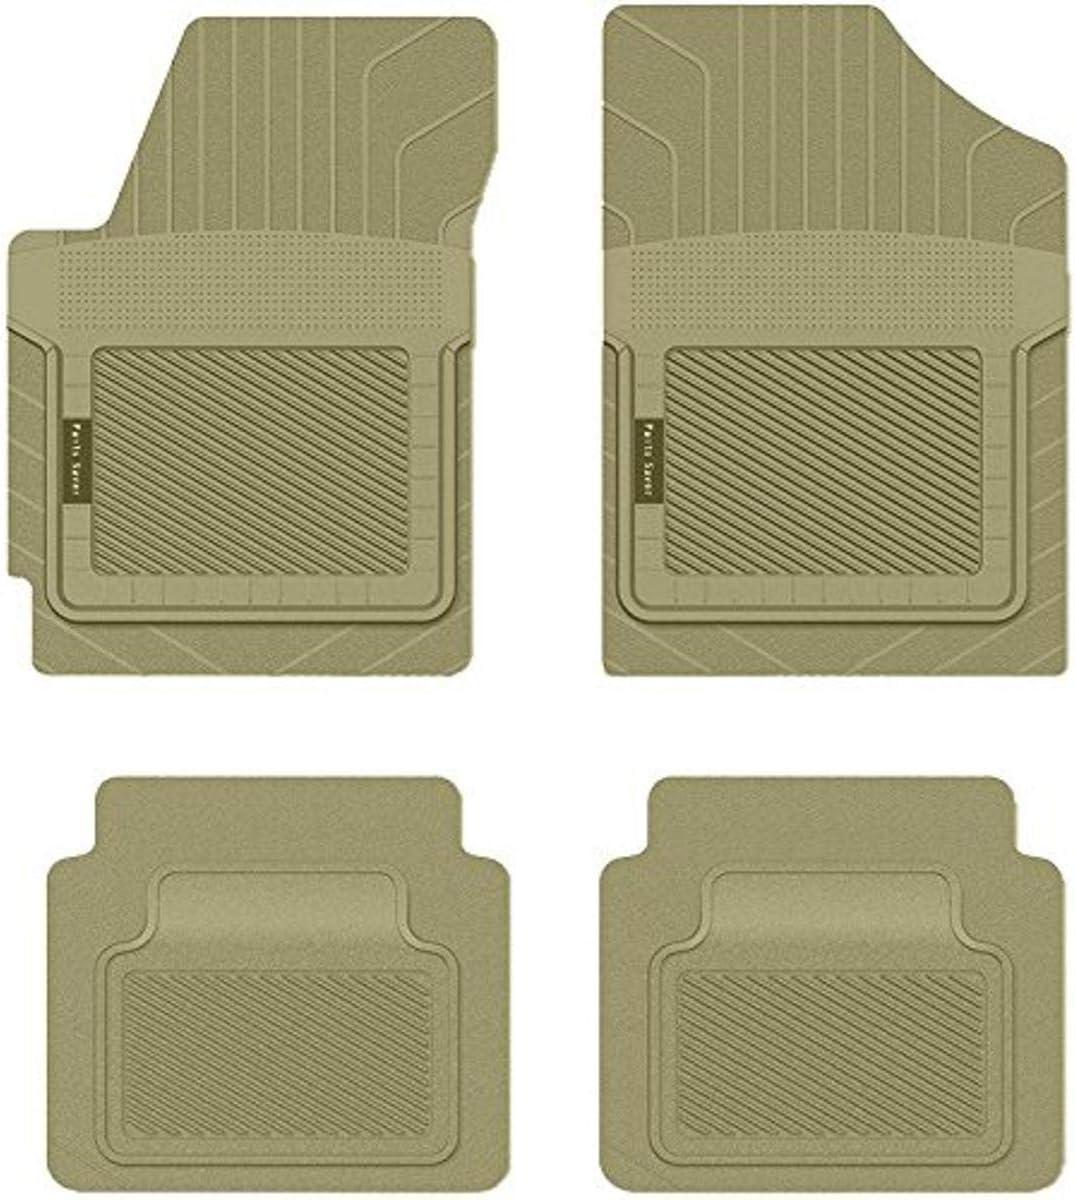 Cash special price PantsSaver Custom Fits Car Floor NEW Mats BEETLE for VOLKSWAGEN Alternative dealer